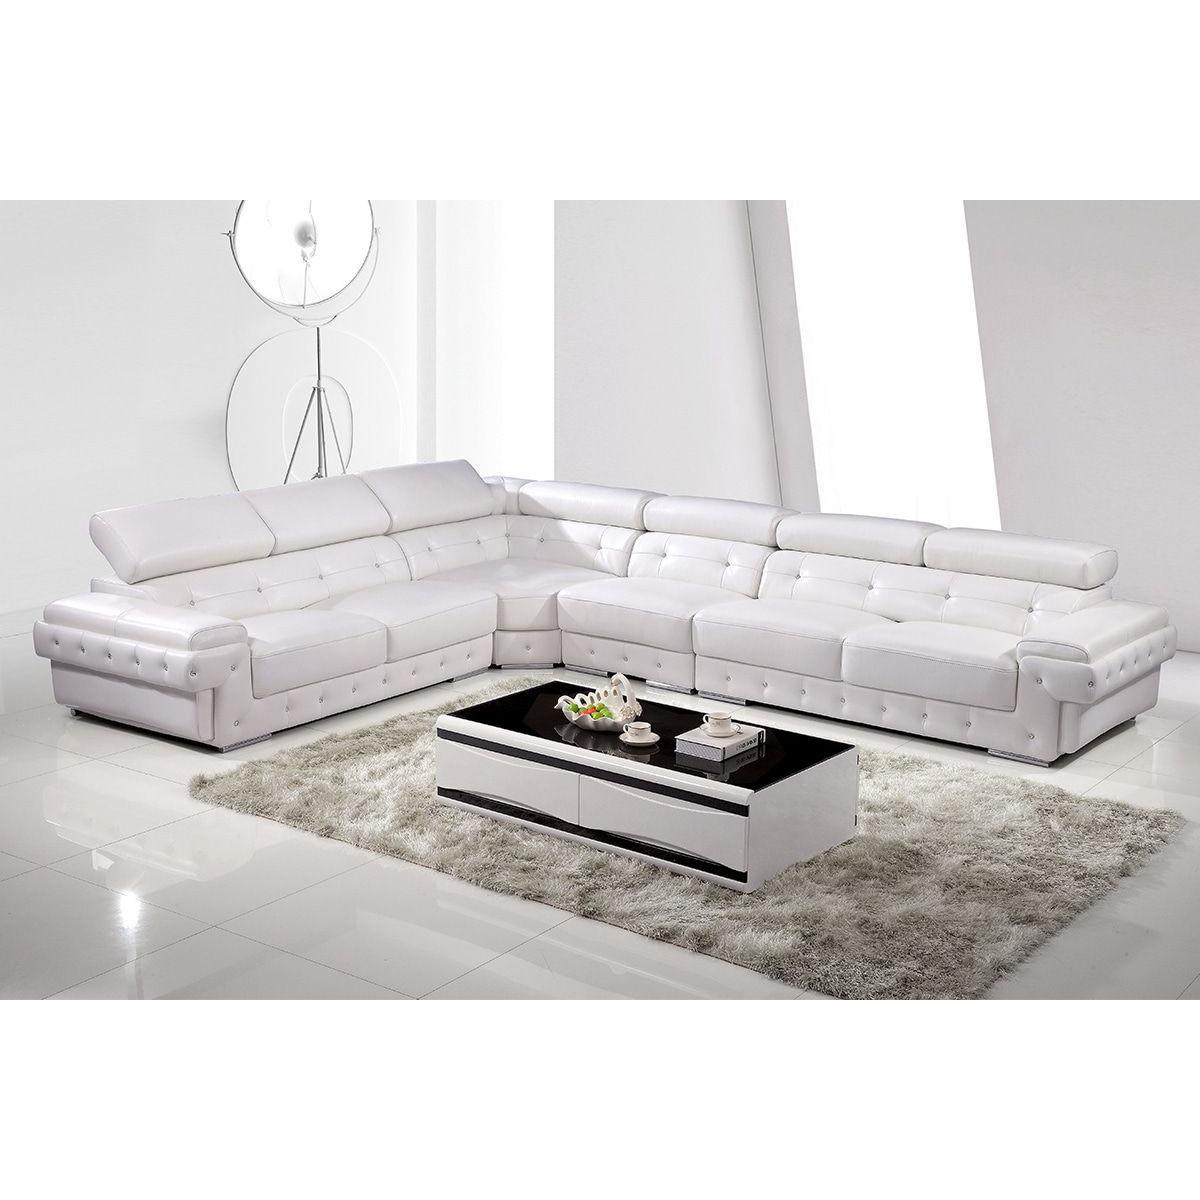 Canapés d angle design cuir véritable blanc Canapés d